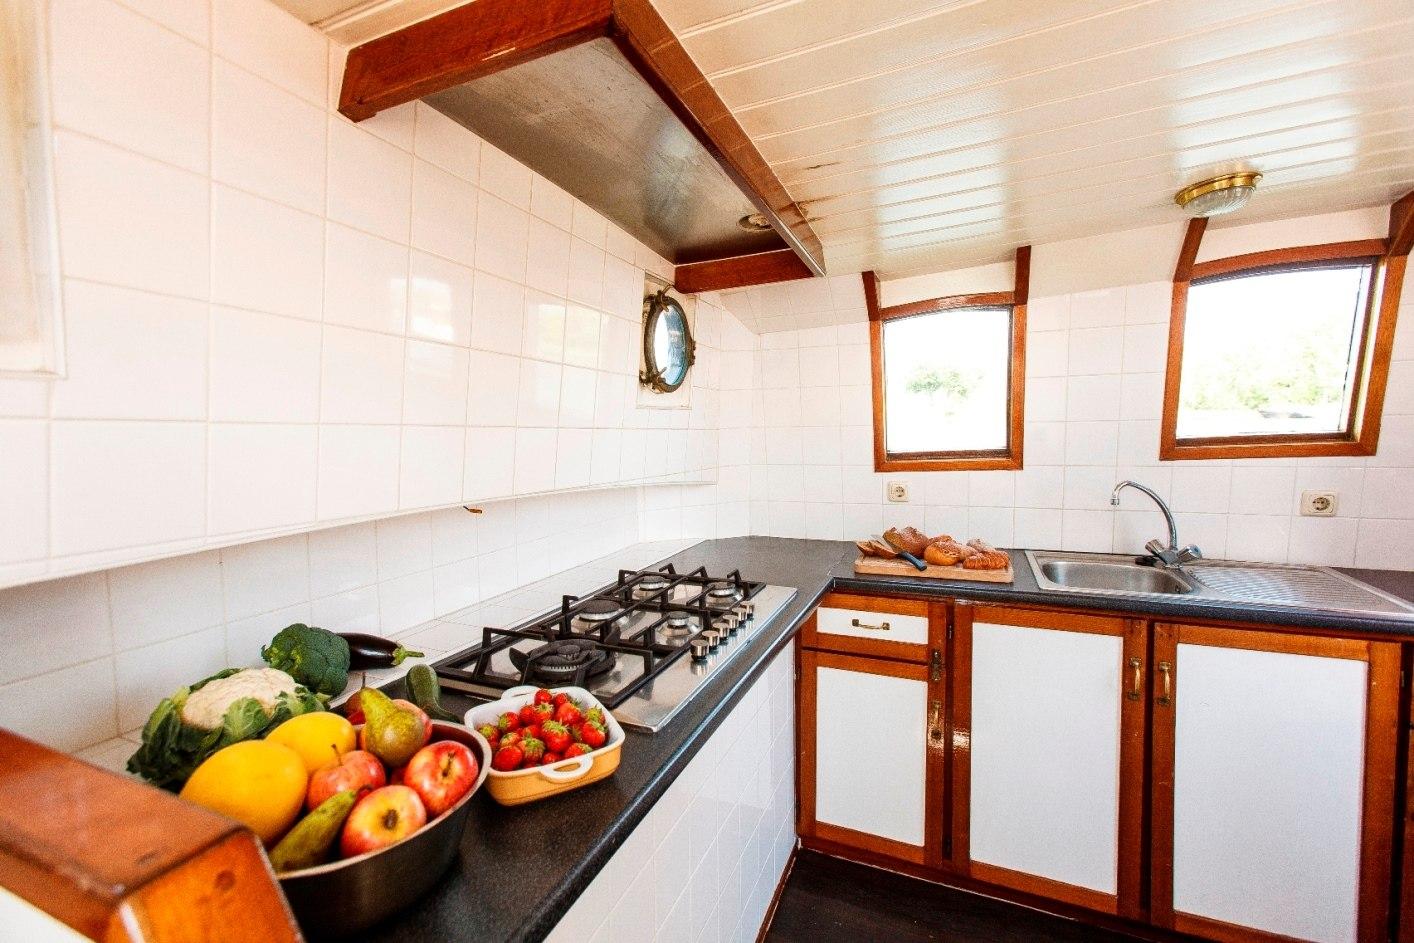 Eersteling_keuken